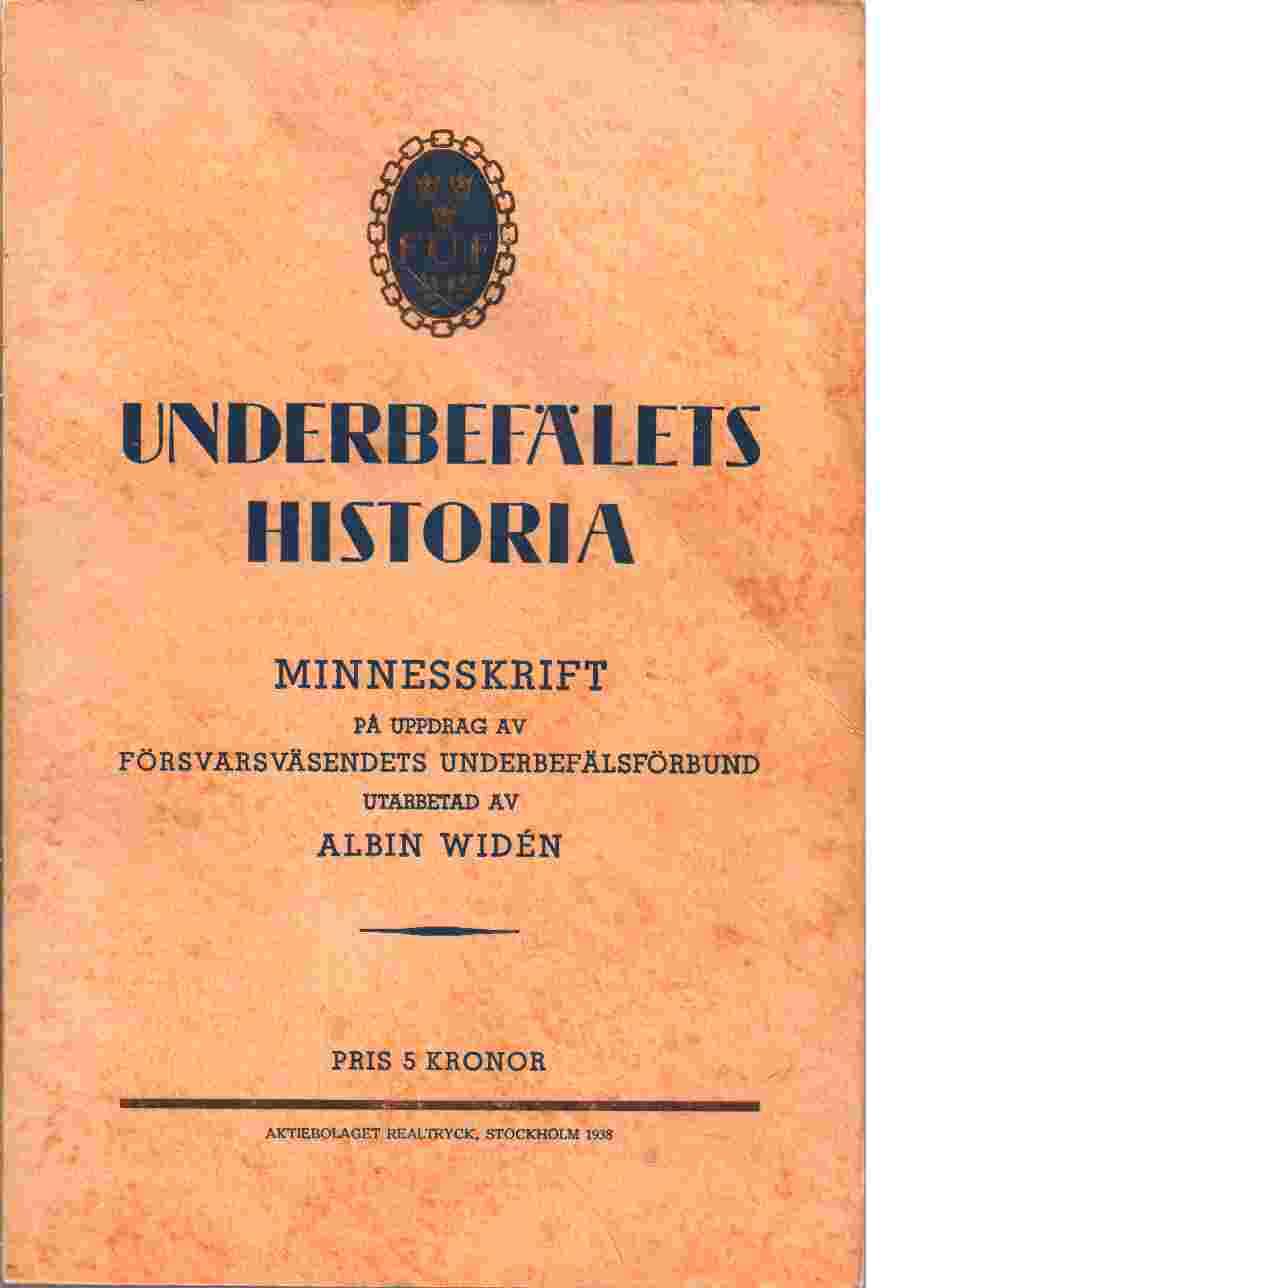 Underbefälets historia  minnesskrift på uppdrag av Försvarsväsendets underbefälsförbund - Widén, Albin